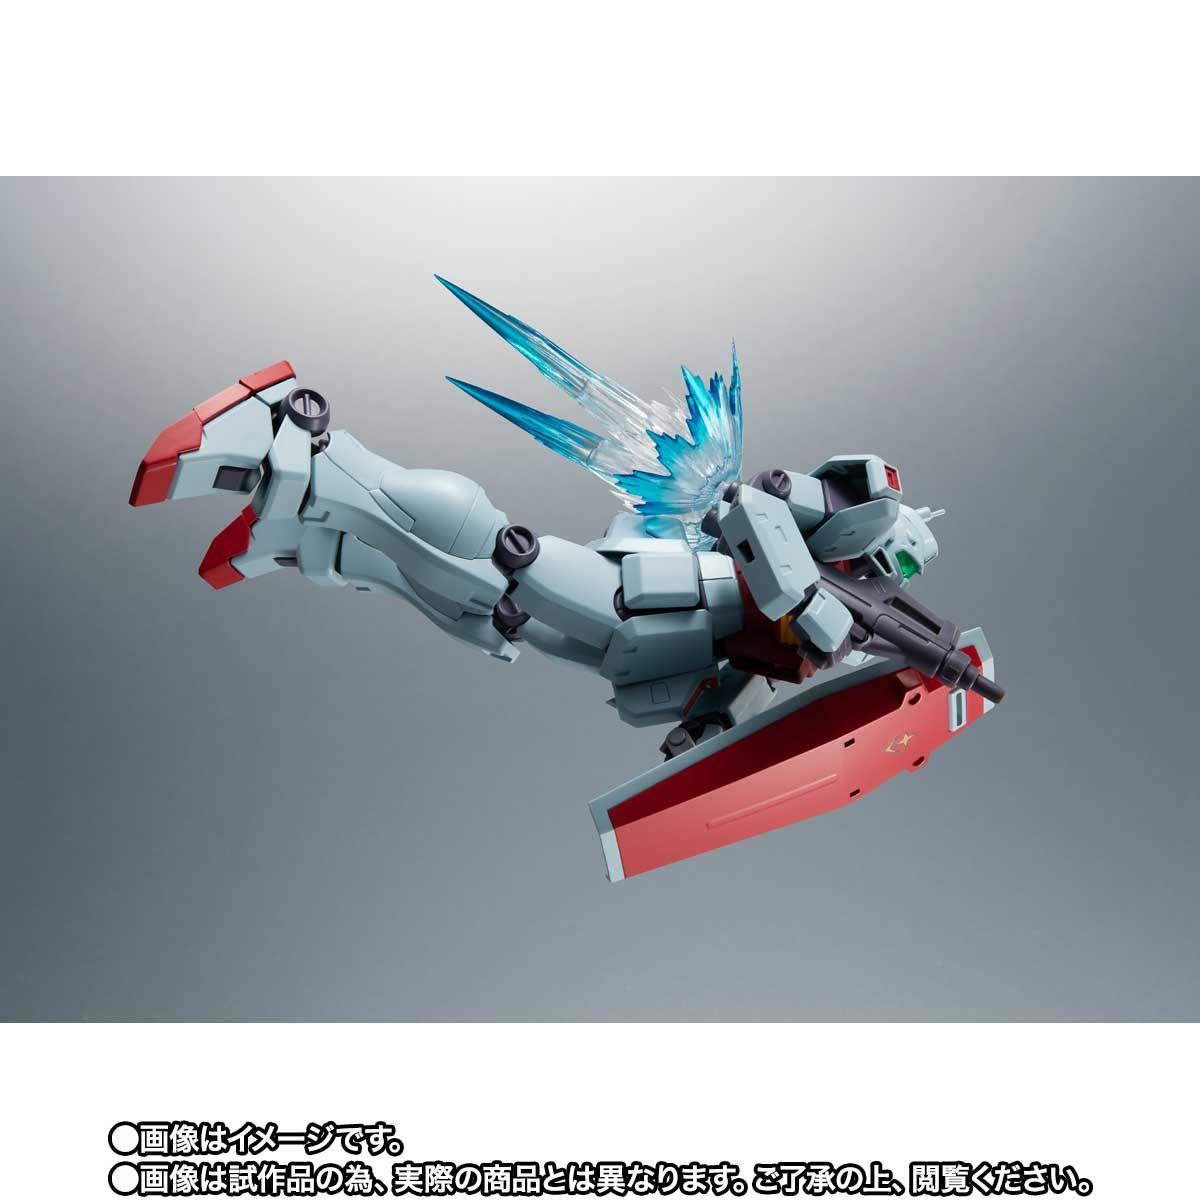 【限定販売】ROBOT魂〈SIDE MS〉『RGM-79C ジム改 宇宙戦仕様 ver. A.N.I.M.E.』ガンダム0083 可動フィギュア-005